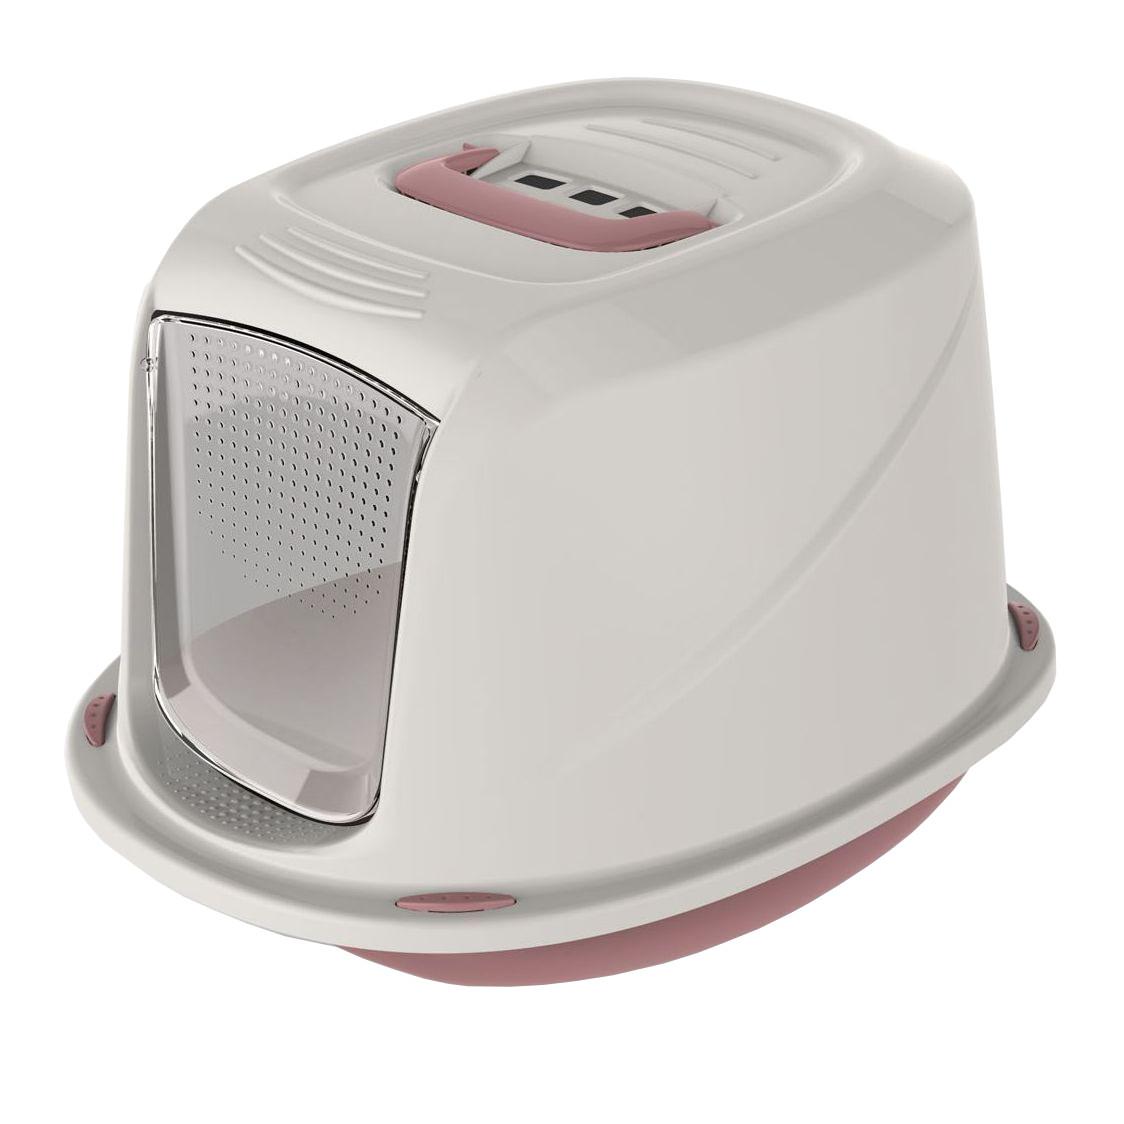 Krytá toaleta s filtrem a rukojetí Argi - růžová - 45 x 36 x 31,5 cm